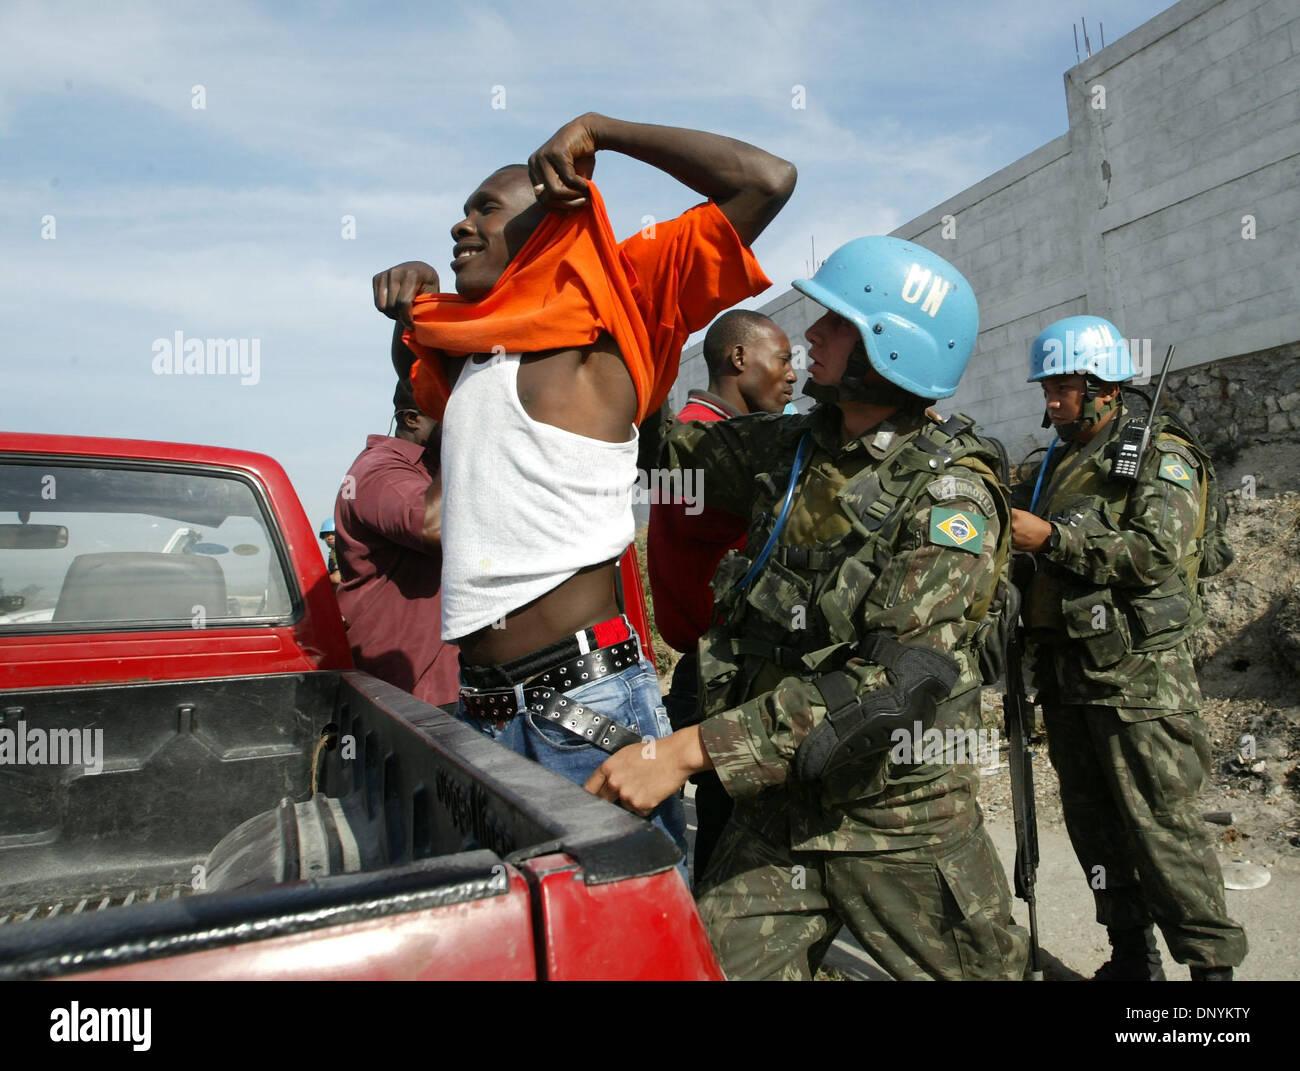 03 Feb, 2006; Port-au-Prince, Haití; los soldados de las Naciones Unidas buscar vehículos y sus ocupantes en una carretera bloack cerca del barrio de Cité Soleil. El barrio se ha convertido en un bastión de las pandillas opuestos a la ONU, y un santuario para los secuestradores que ocultar a sus víctimas en su interior. Elecciones en Haití, la primera desde el violento derrocamiento del Presidente Jean-Bertrand Aristide, están programados para la Fe Imagen De Stock